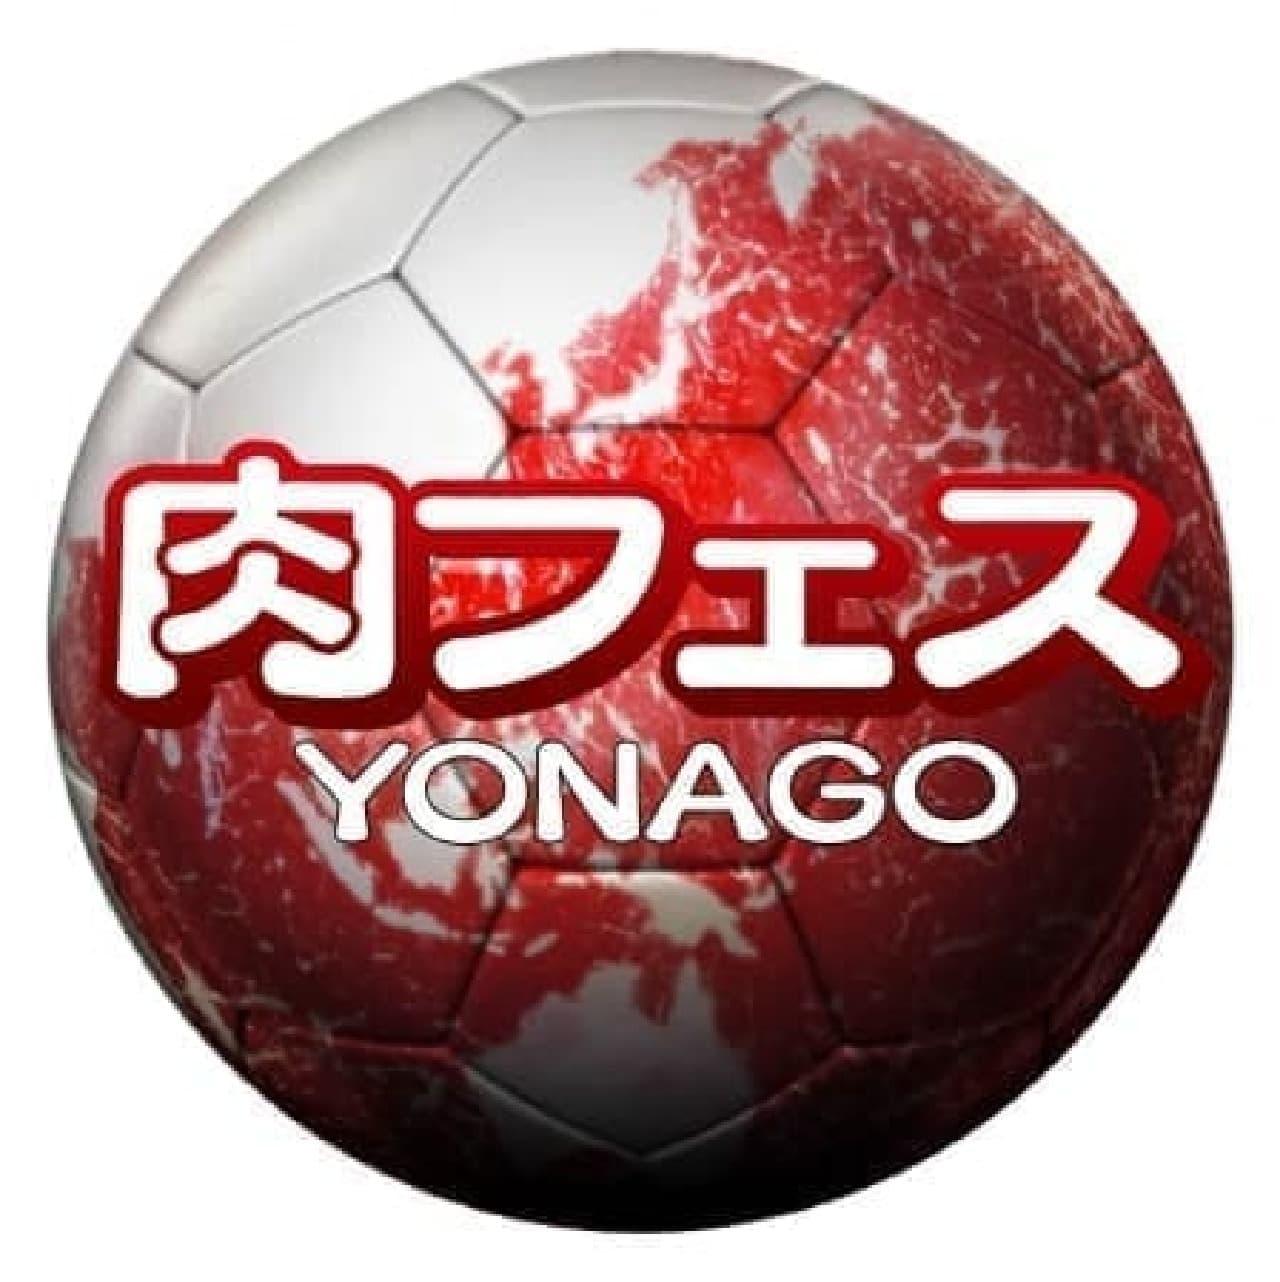 鳥取・米子で 「肉フェス YONAGO 2016」開催